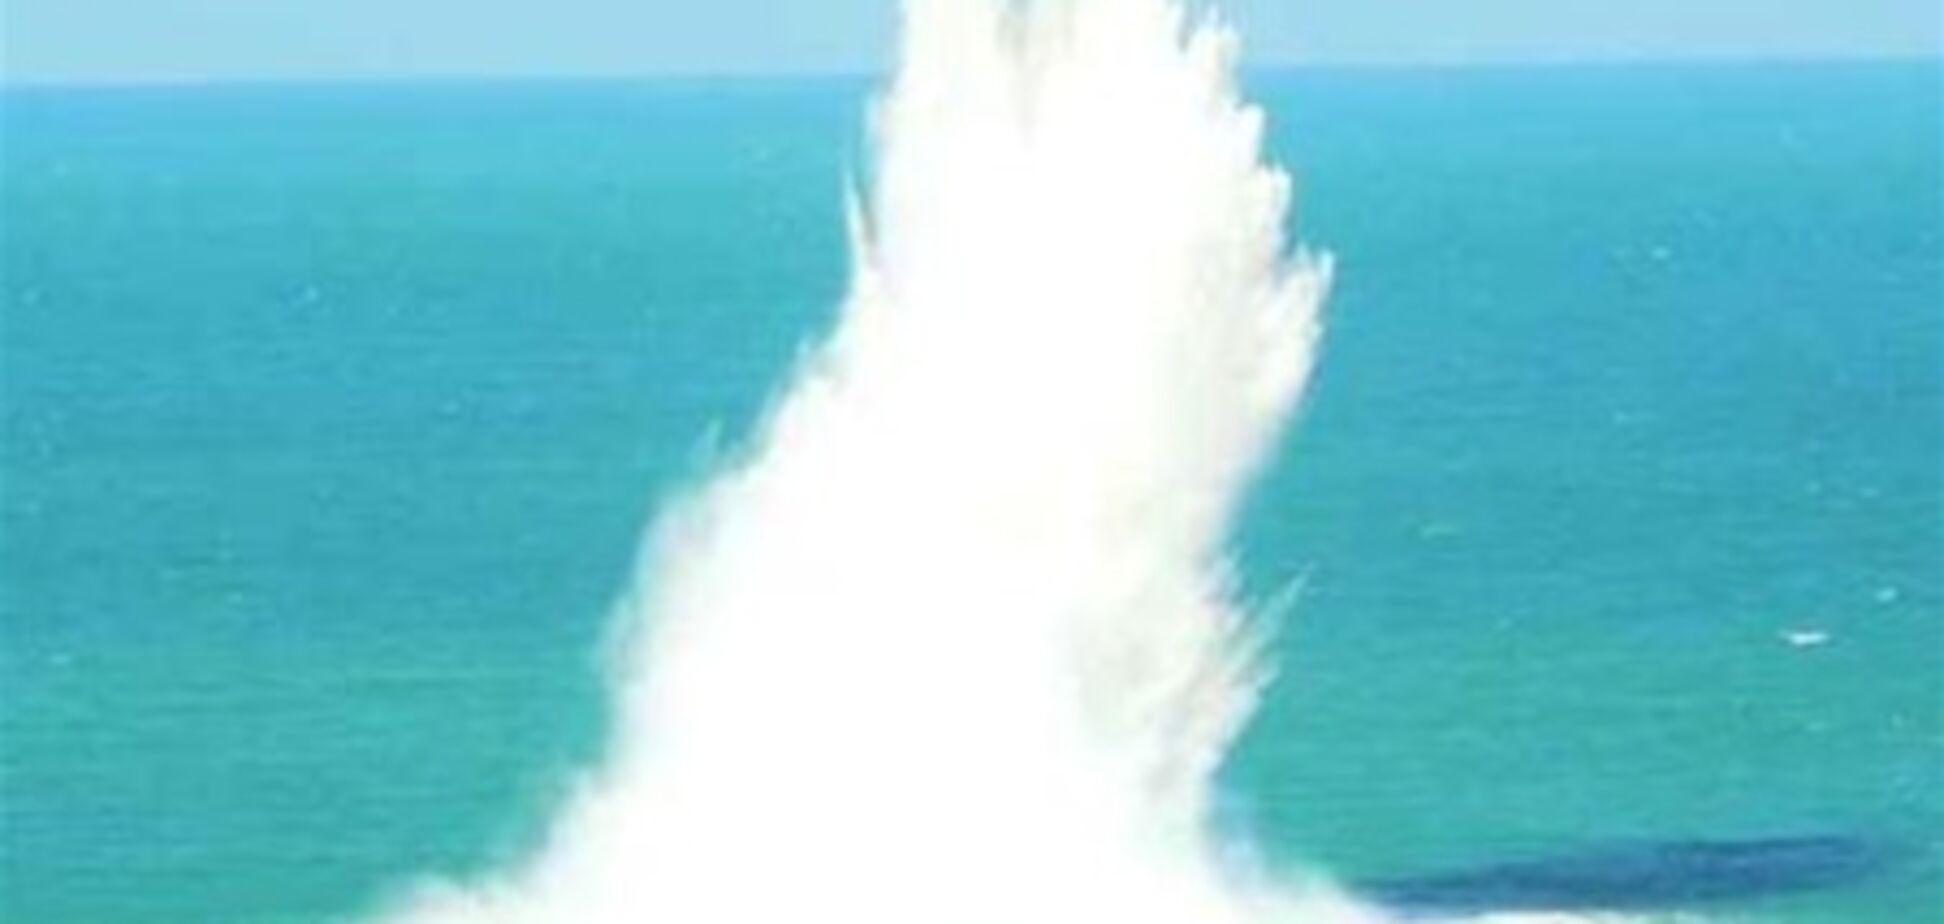 У Севастополі підірвали 500-кілограмову бомбу. Фото